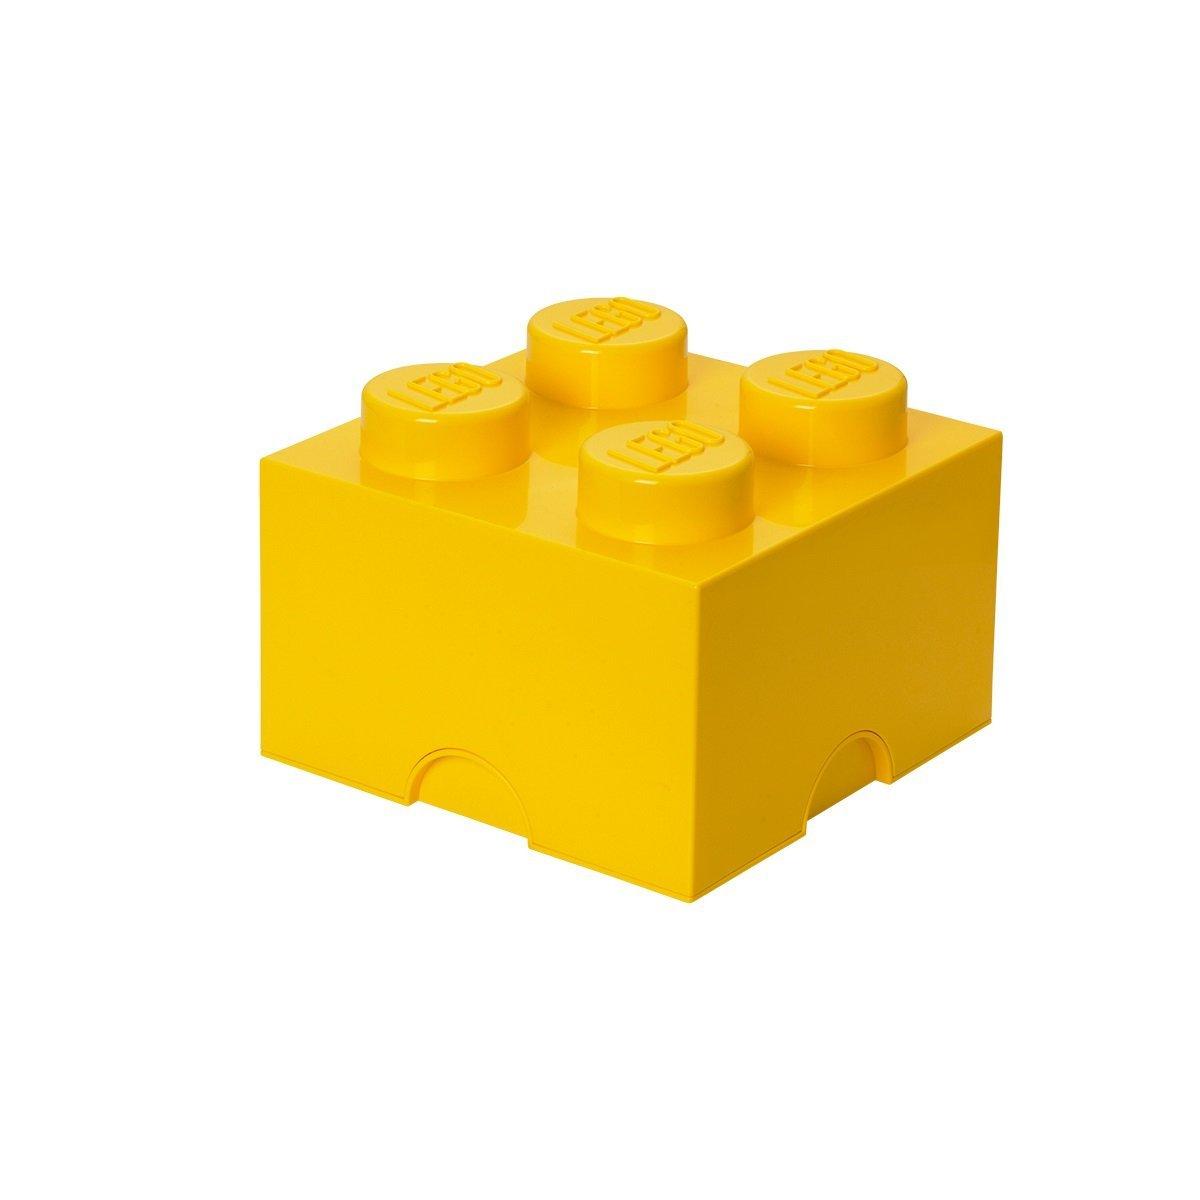 Lego Lego opbevaringskasse 4 - gul, +10 stk. på lager på pixizoo